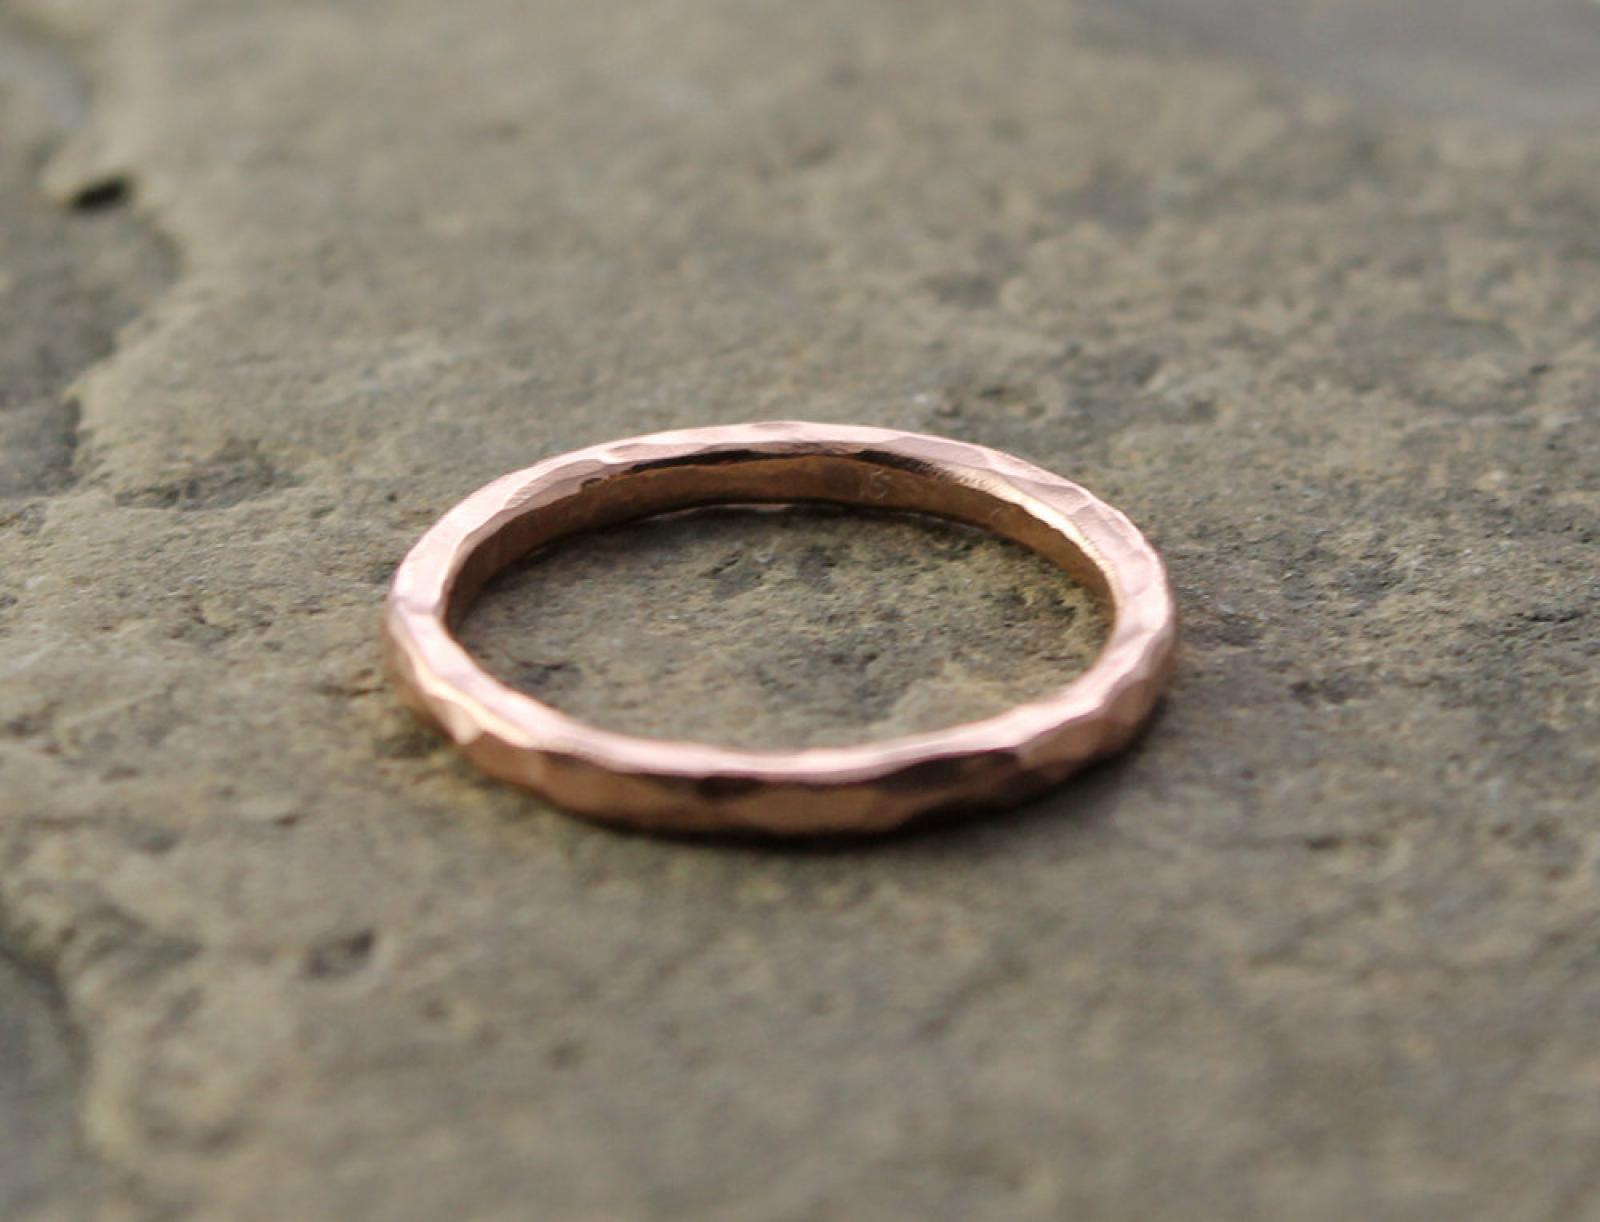 artisan hammered 14k rose gold wedding band and stacking ring